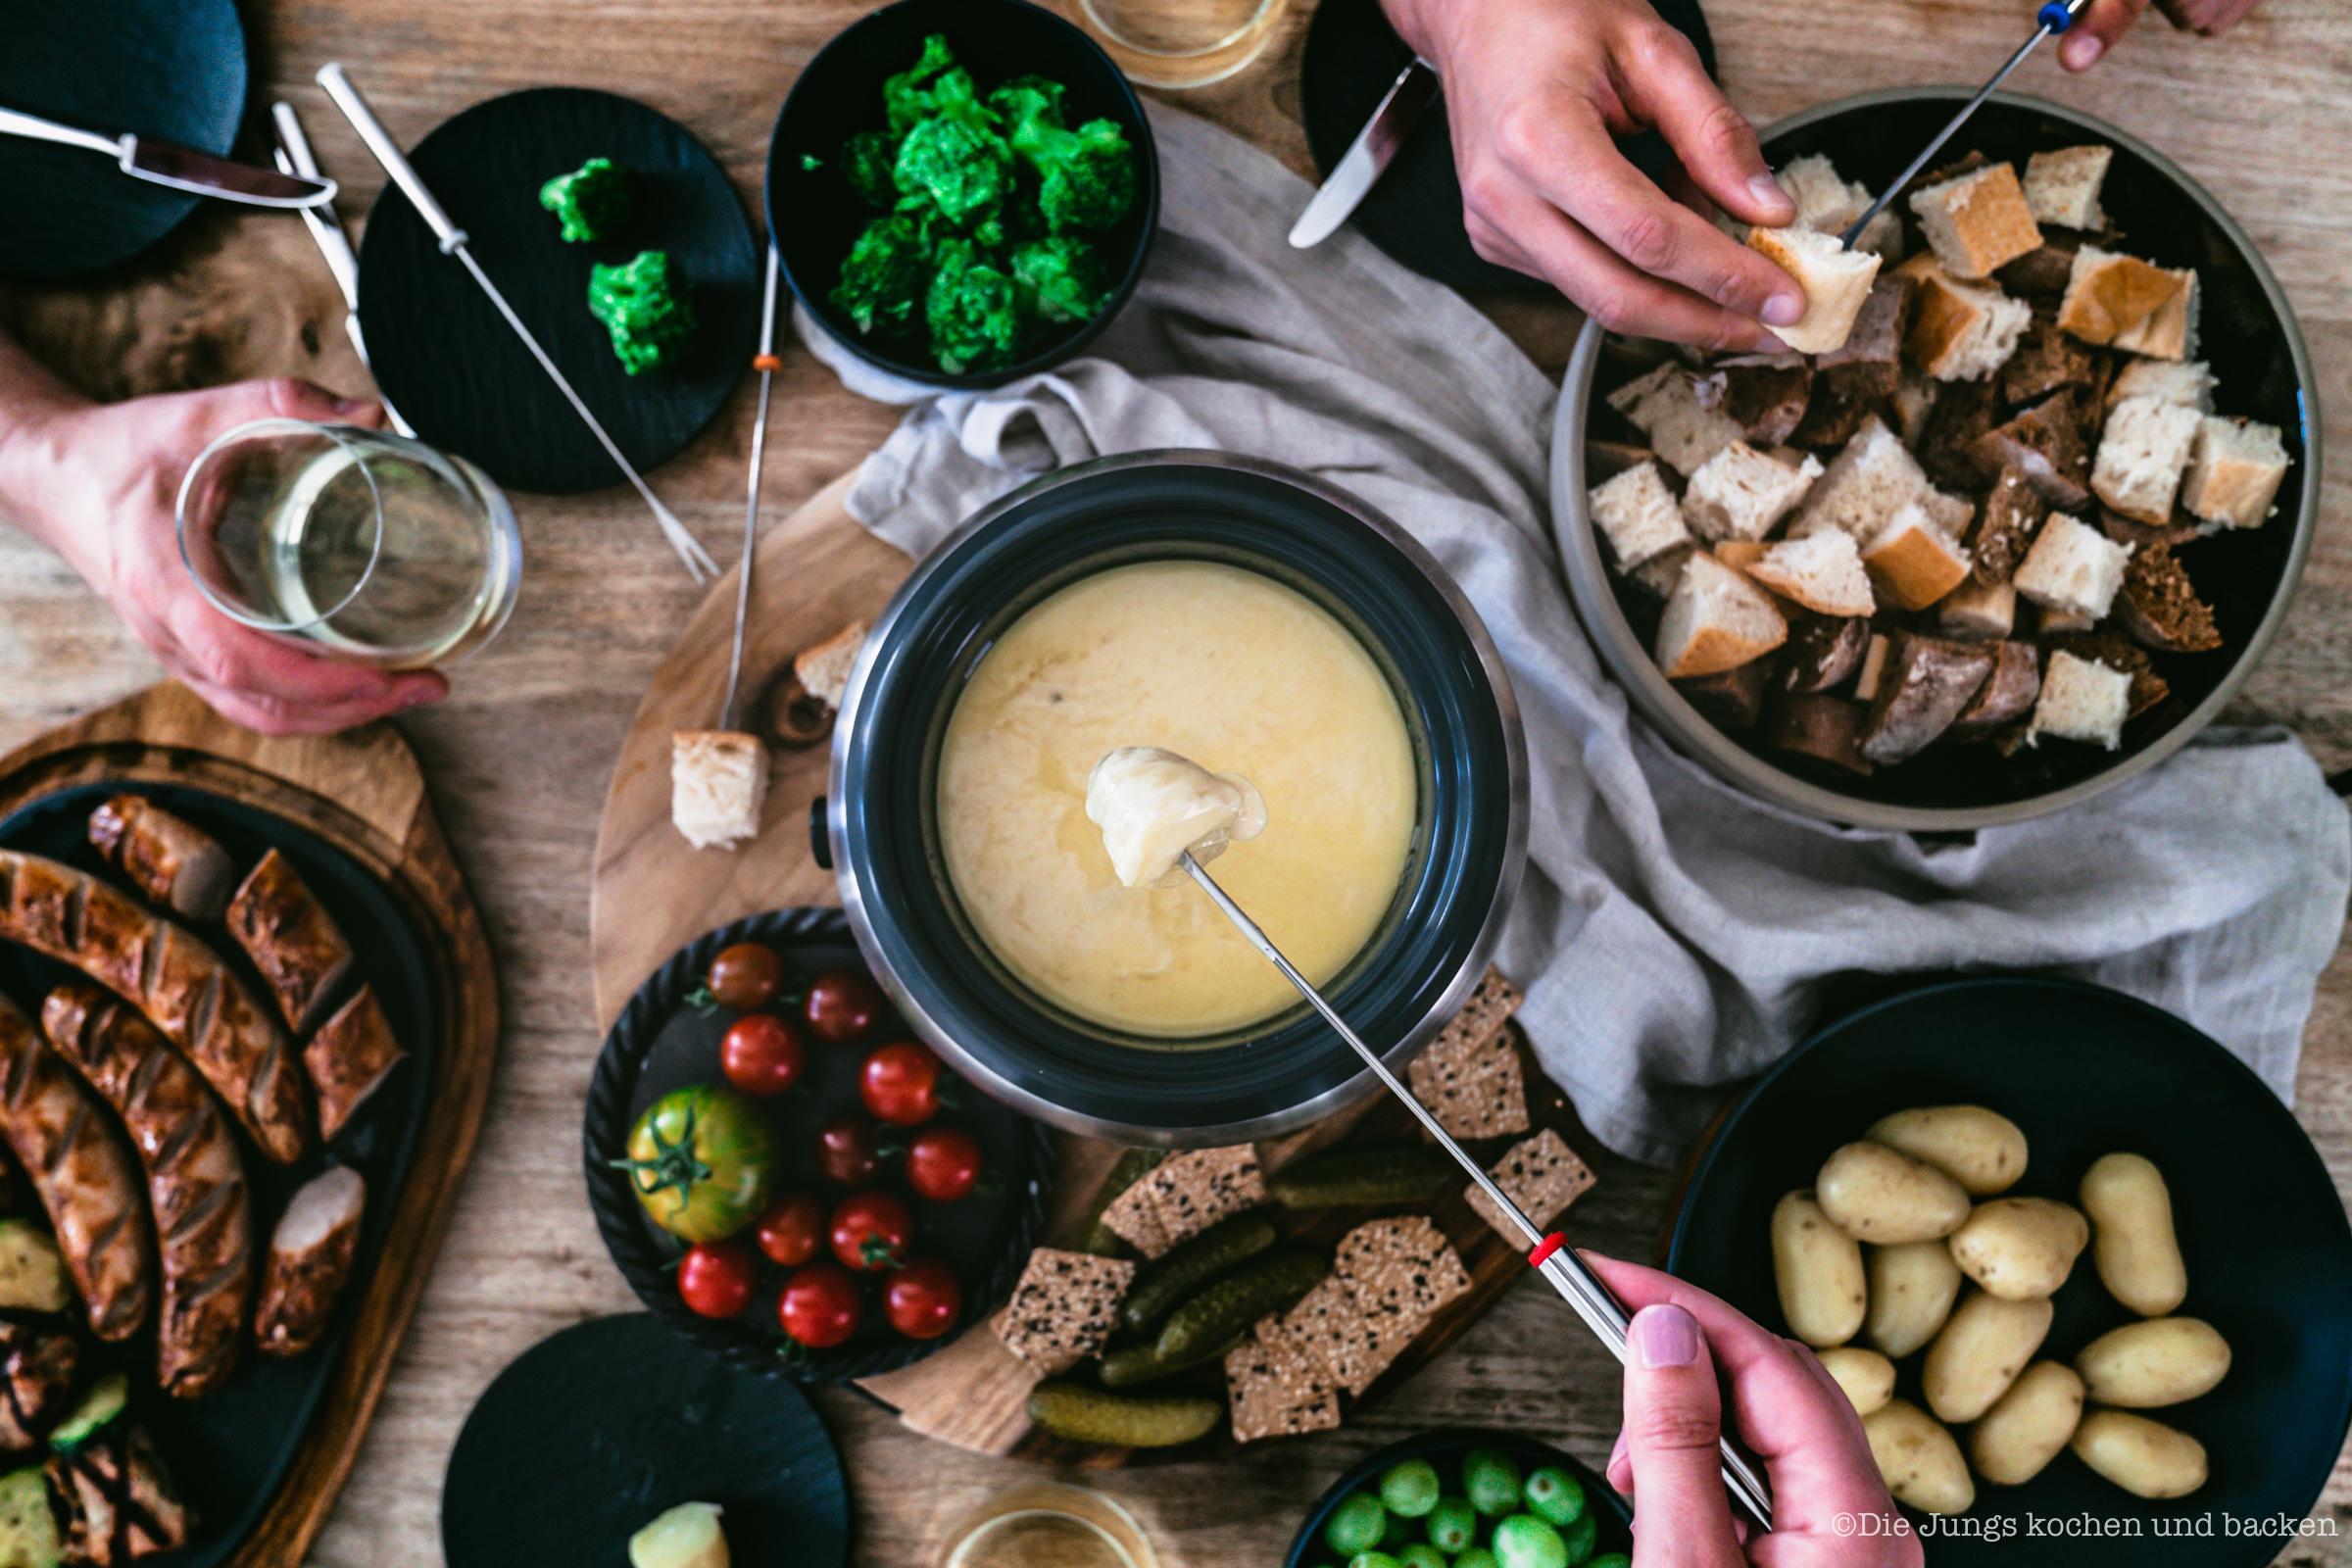 Gedeckter Tisch mit Fondue